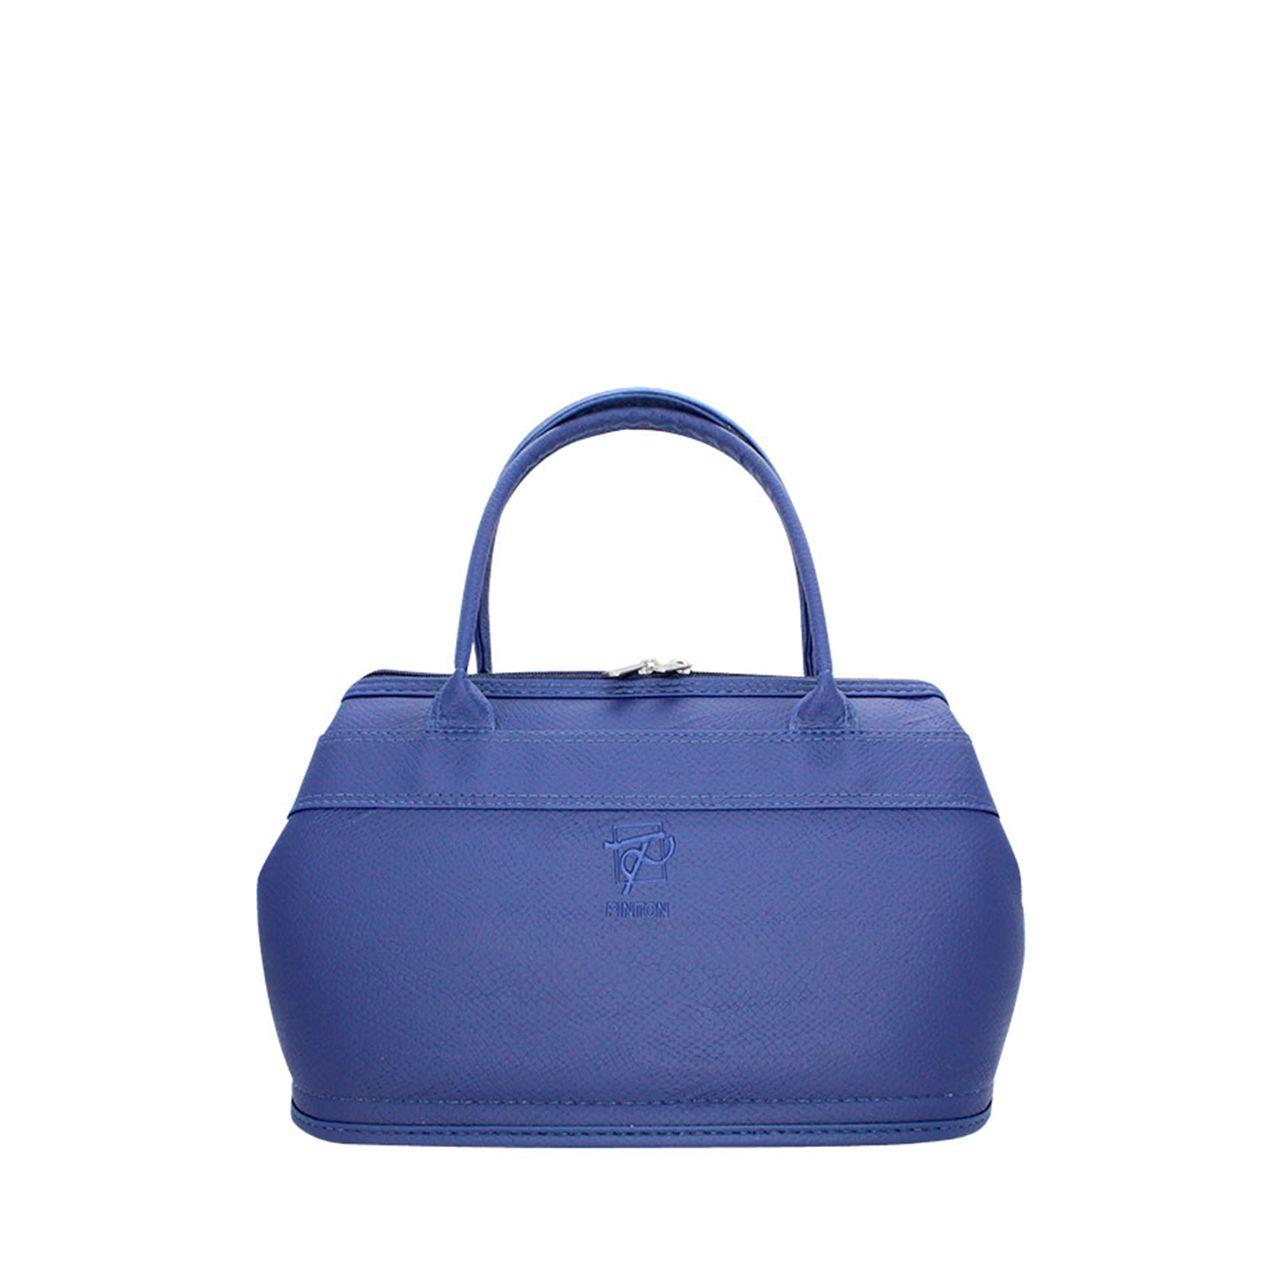 Bolsa Valise - Croco Azul